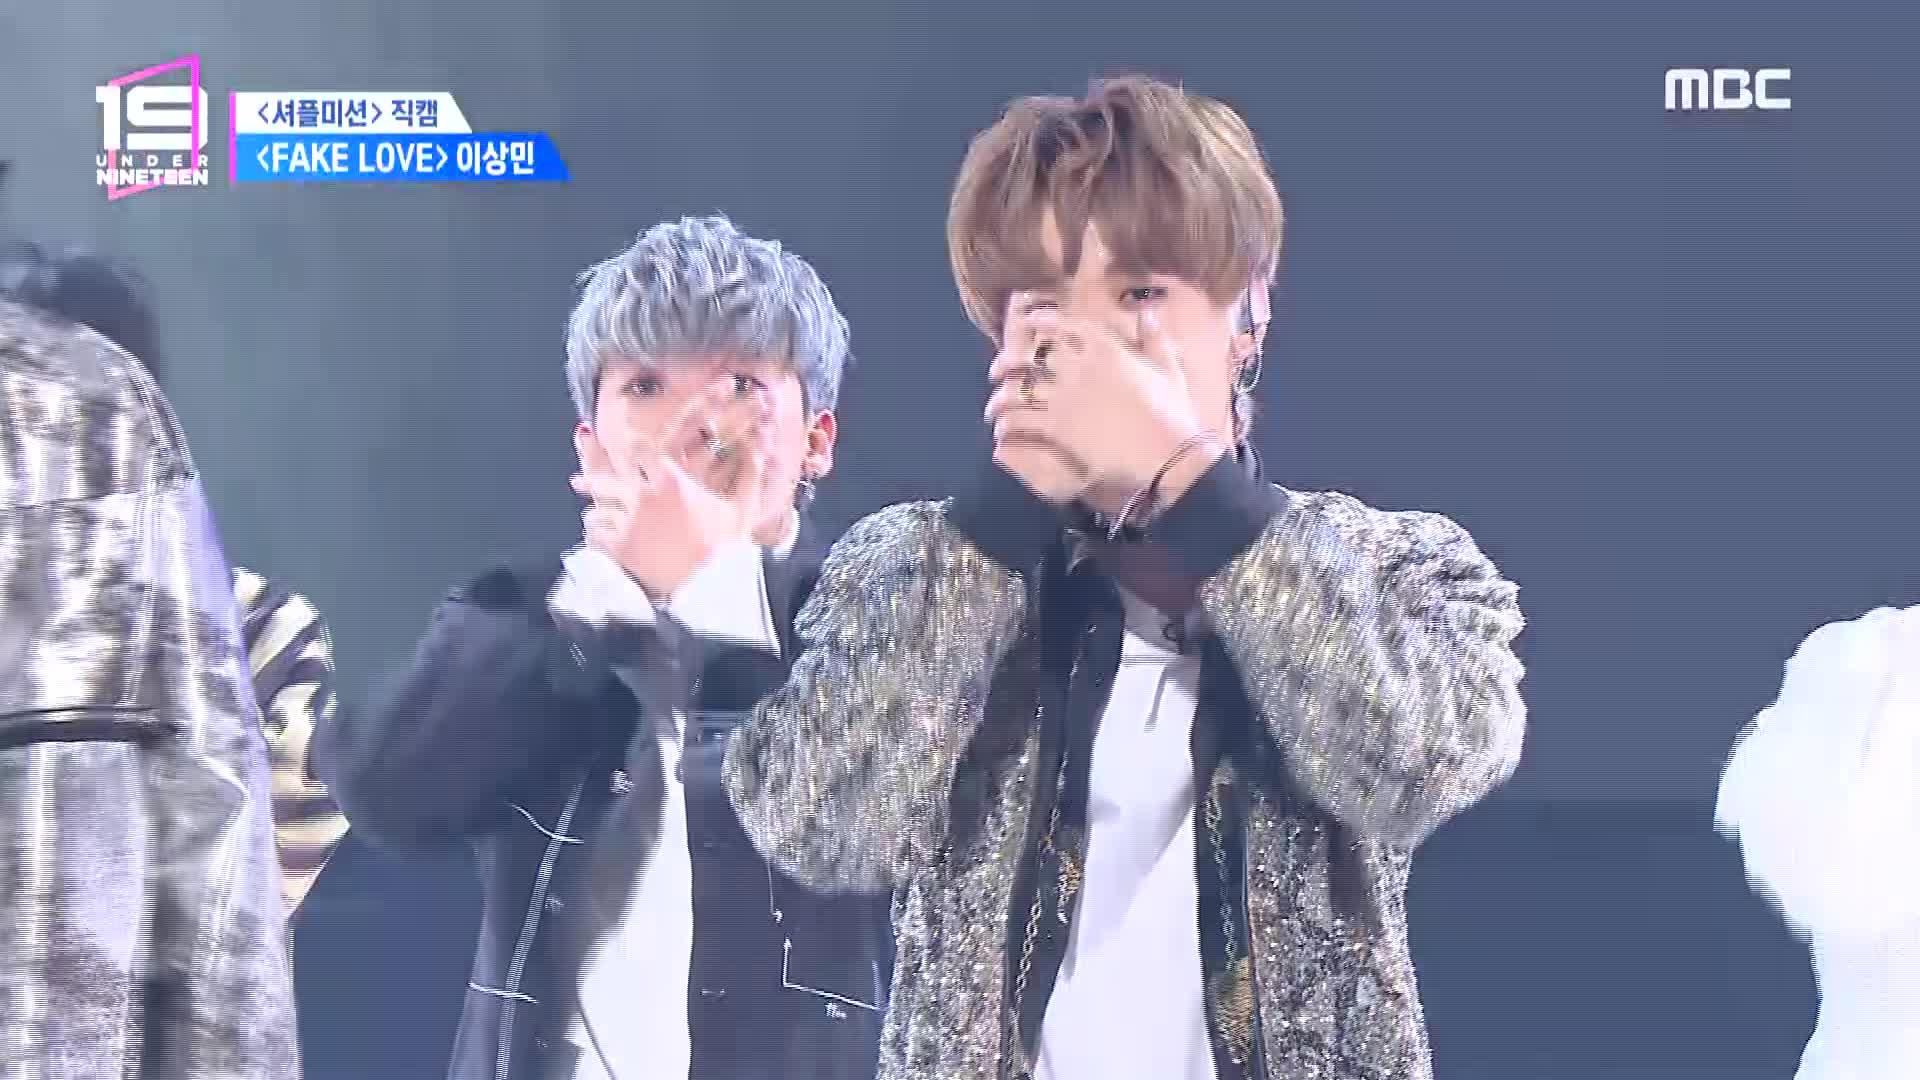 [셔플미션 직캠] 랩 이상민 ♬FAKE LOVE